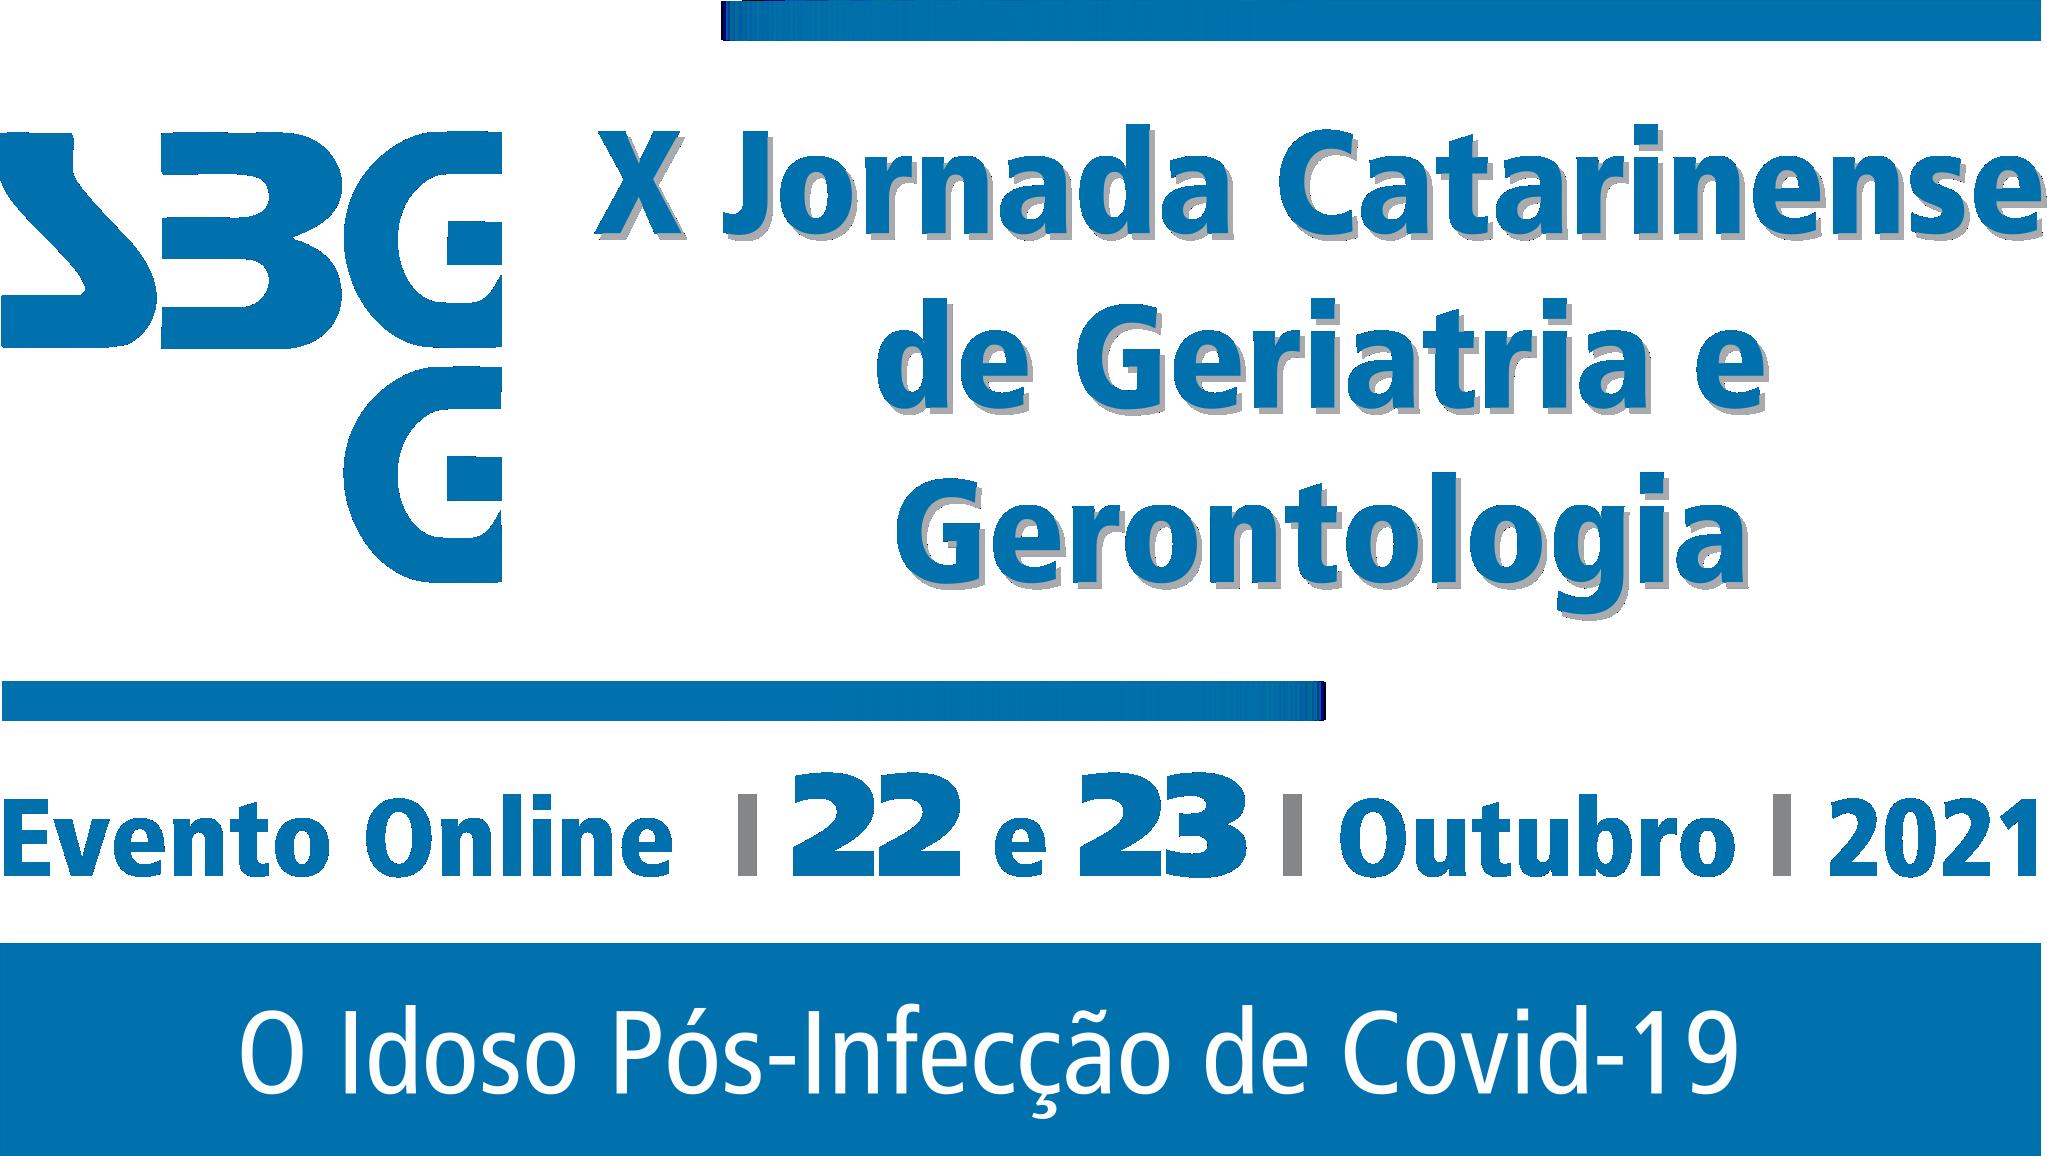 X JORNADA CATARINENSE DE GERIATRIA E GERONTOLOGIA